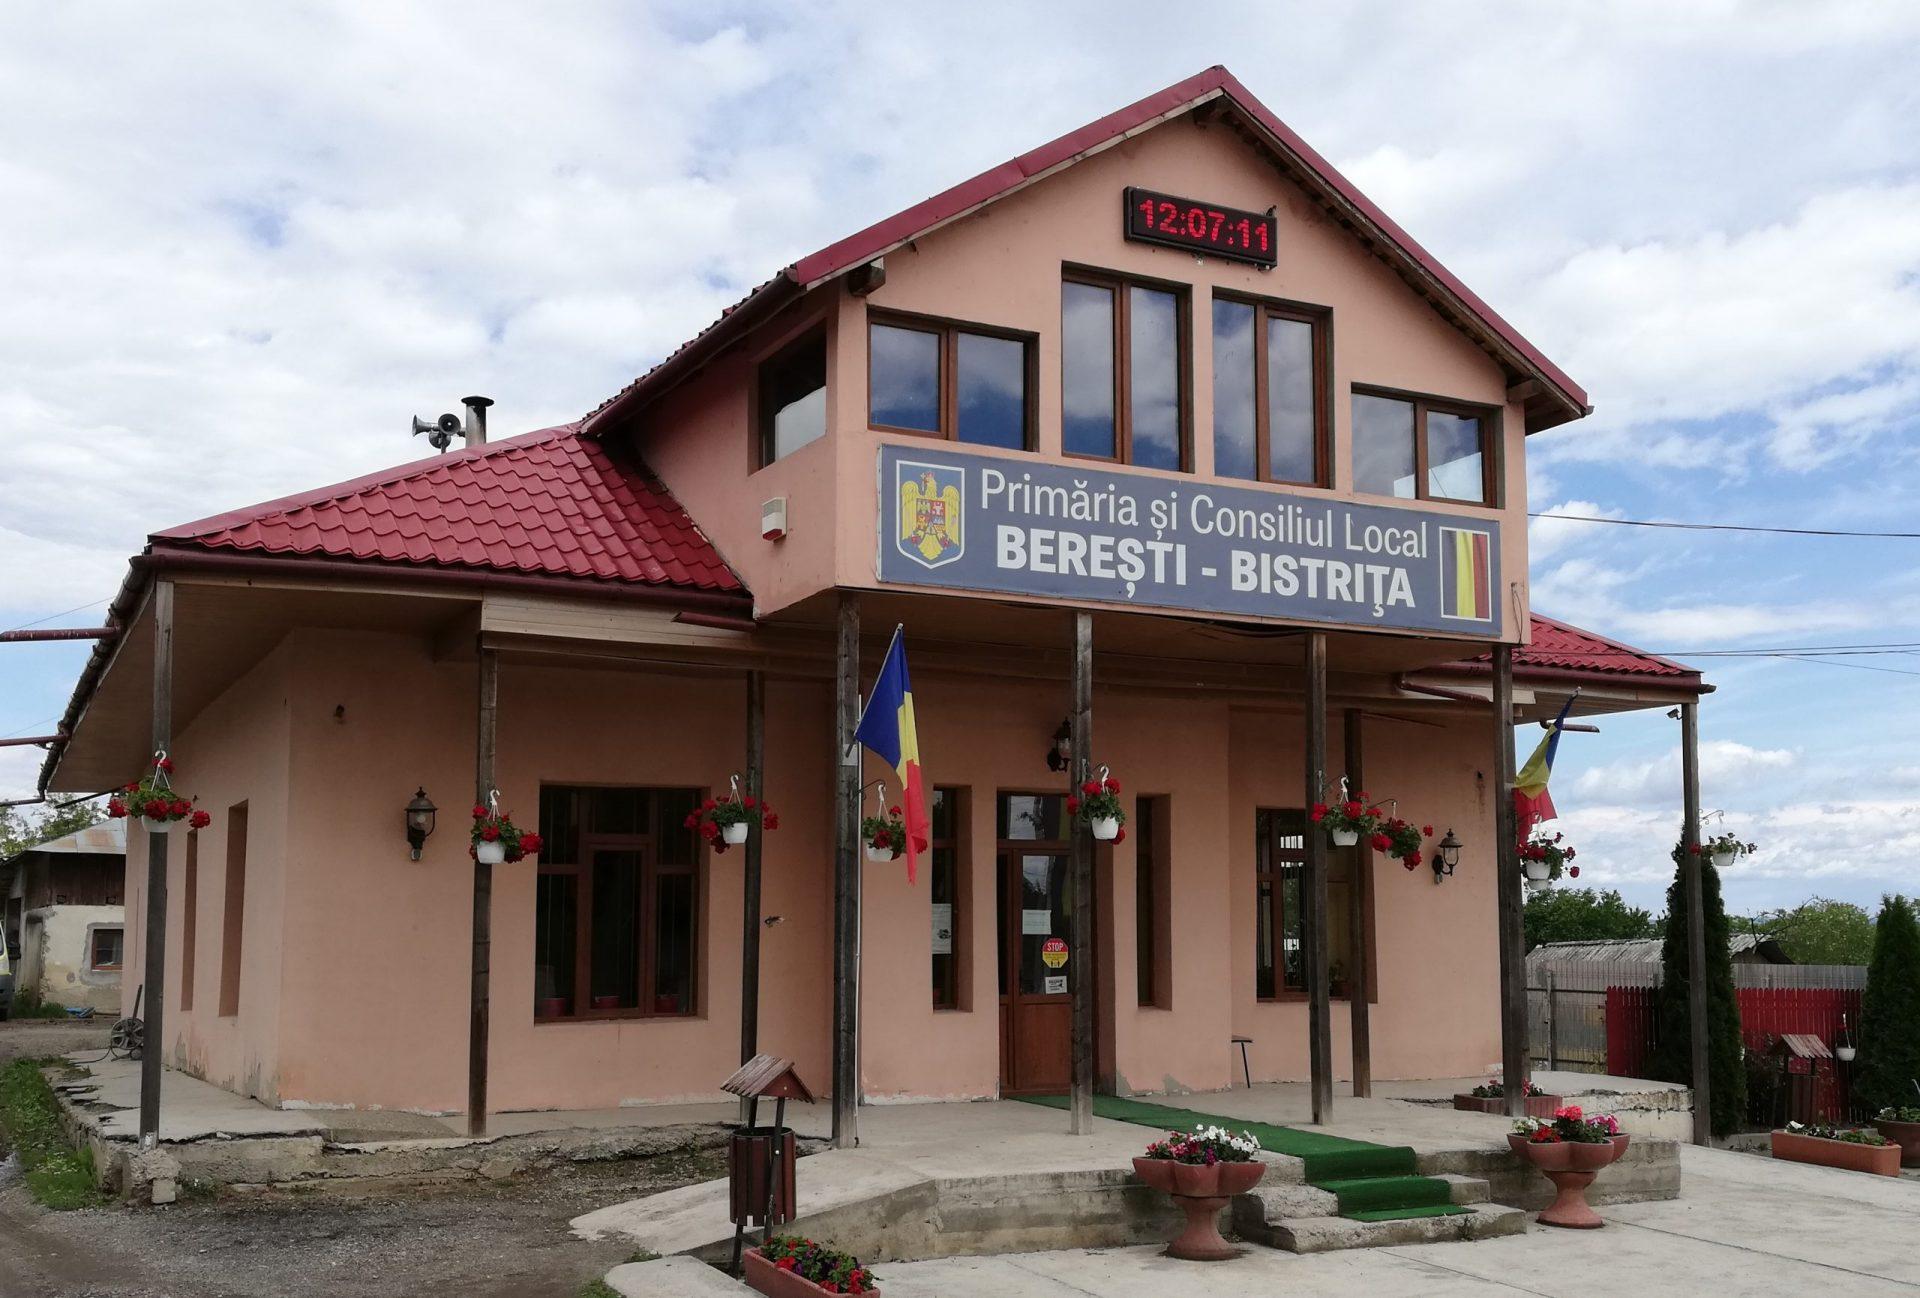 Bun venit pe site-ul oficial al primăriei Berești-Bistrița